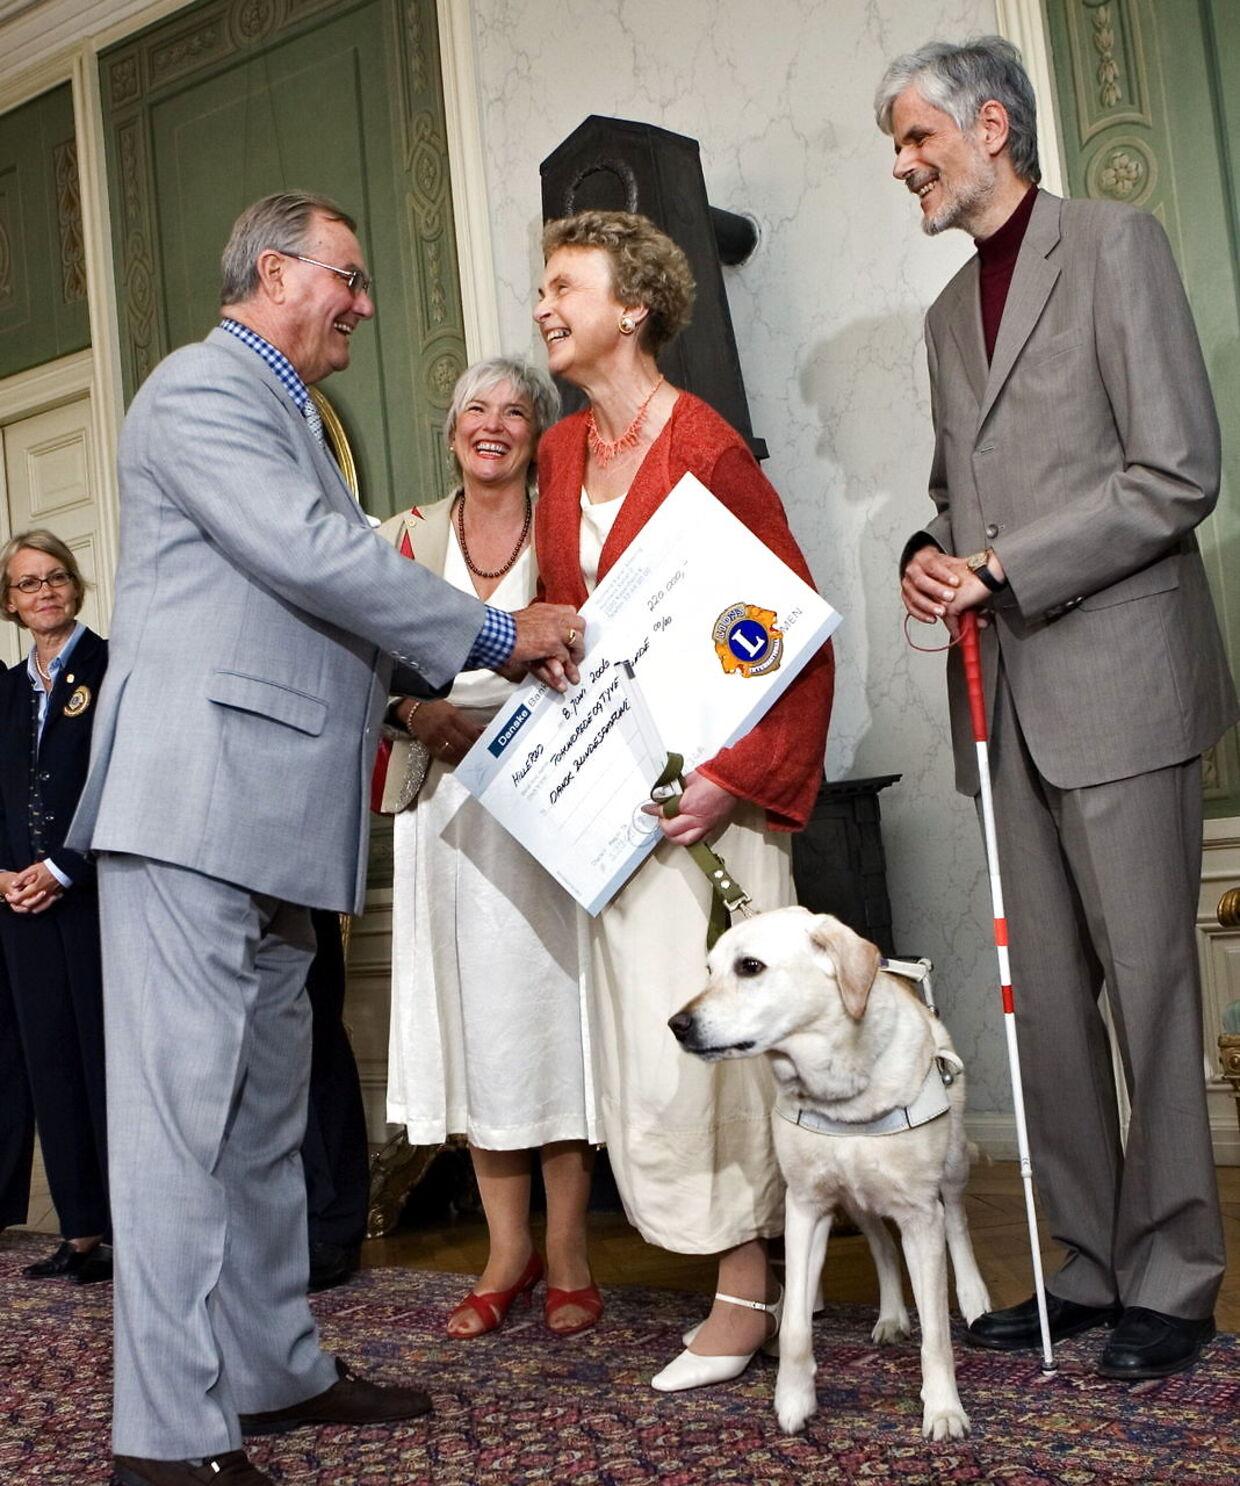 I 2006 mødte Jens Bromann Prins Henrik, der overrakte Lionsprisen til Dansk Blindesamfund, hvor Jens Bromann var formand.